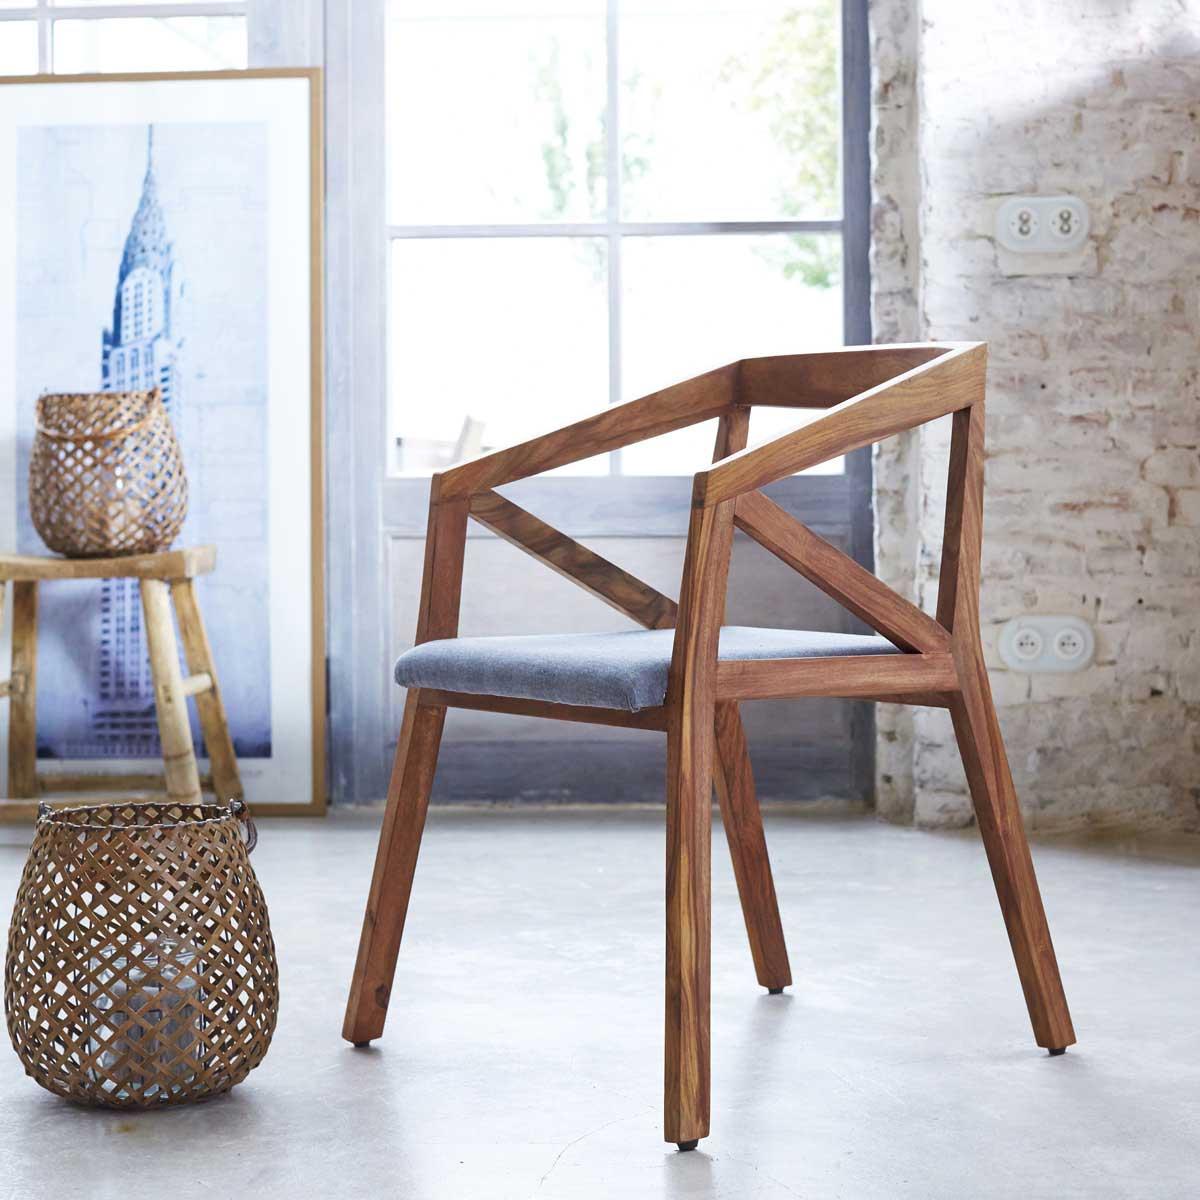 chaise d co scandinave moderne. Black Bedroom Furniture Sets. Home Design Ideas